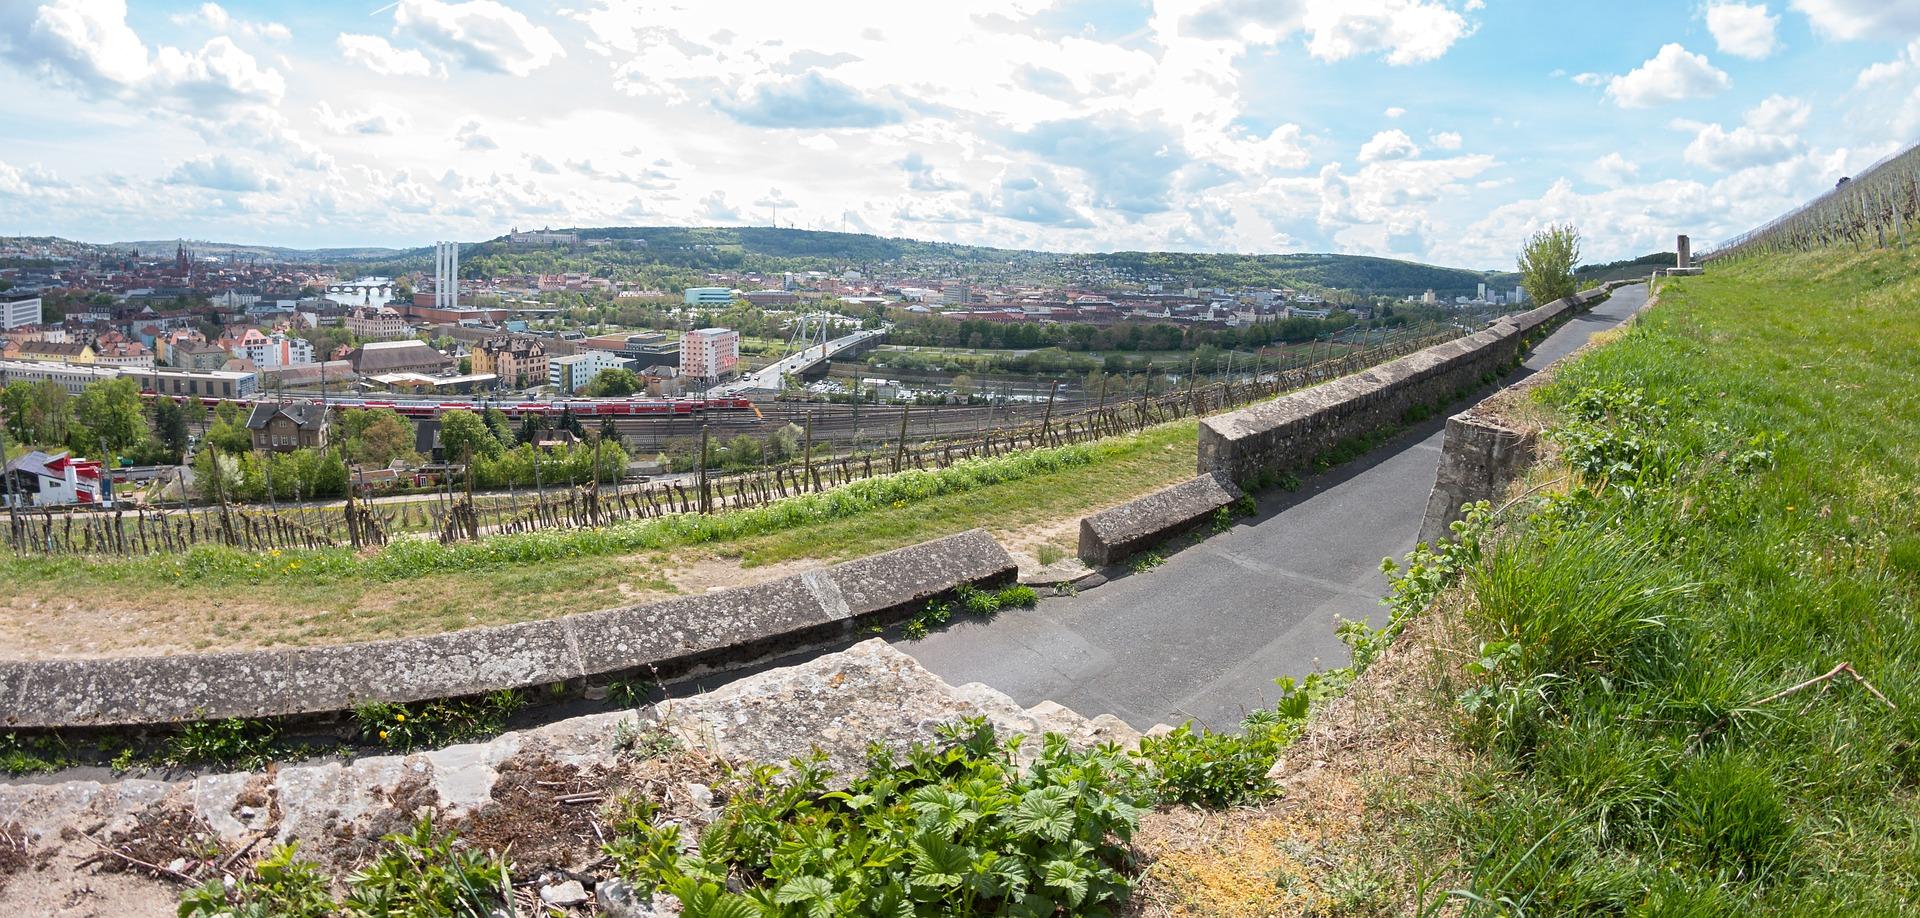 Blick von den Würzburger Weinbergen über die Stadt